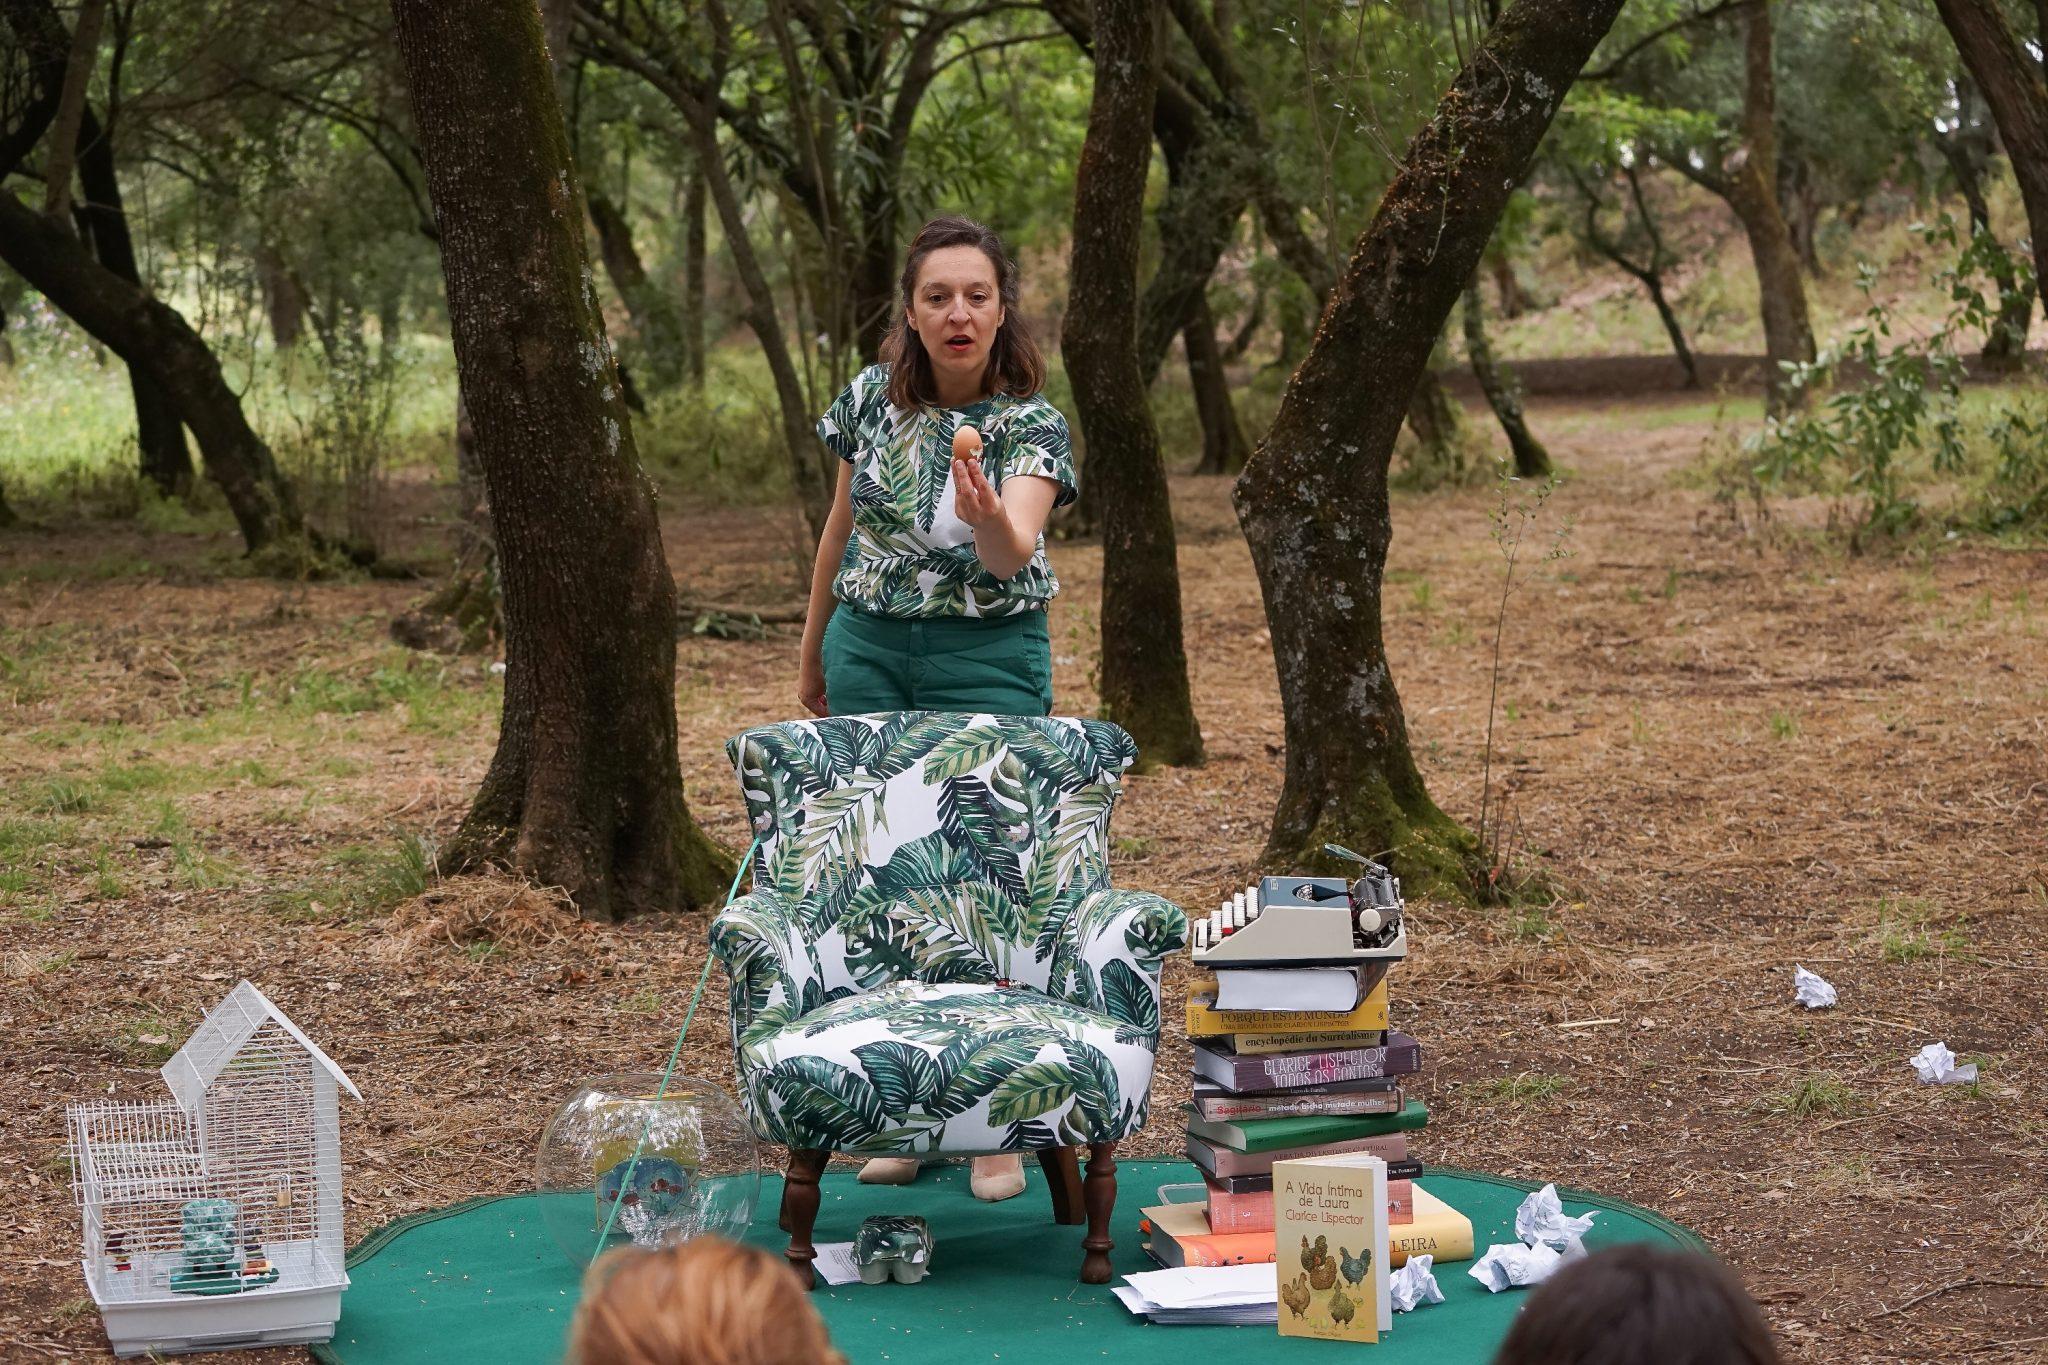 Mulher vestida de verde num parque rodeado de árvores segura um ovo e mostra-o de frente para o observador. À sua frente tem uma poltrona com um padrão de folhas verdes, uma gaiola branca e uma pilha de livros com uma máquina de escrever no topo.